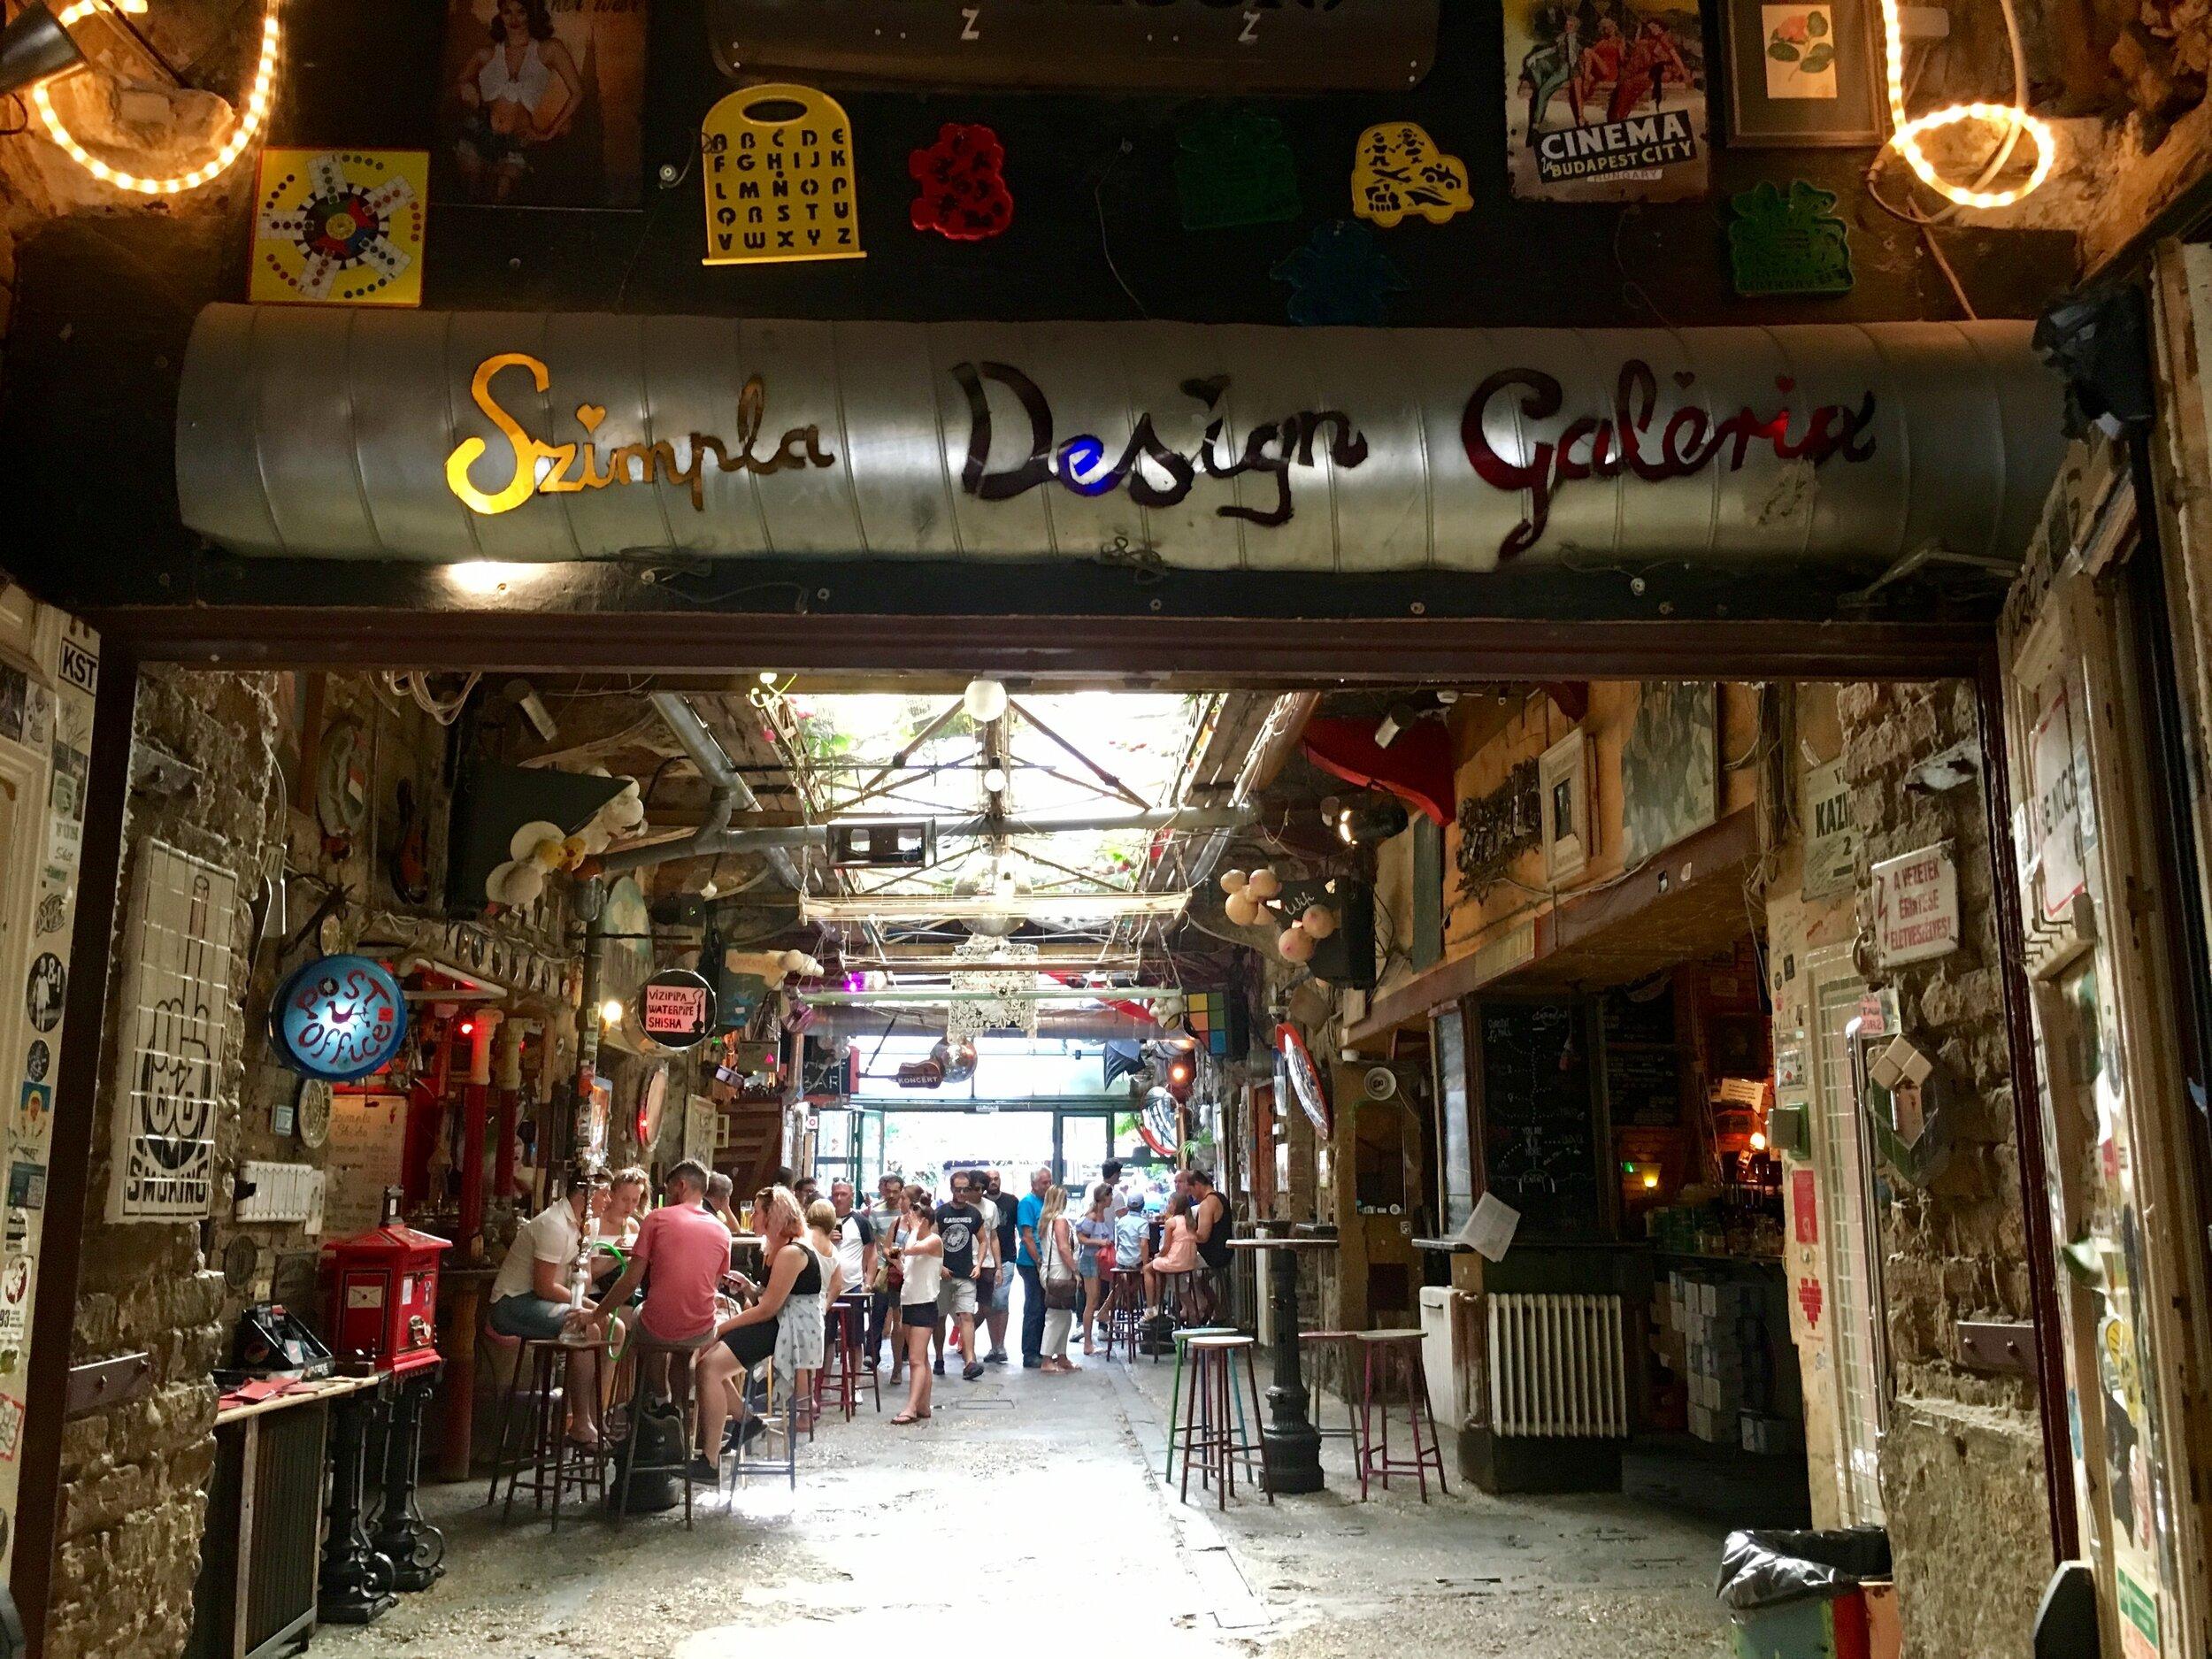 Szimpla Kert ruin bar - Budapest weekend guide